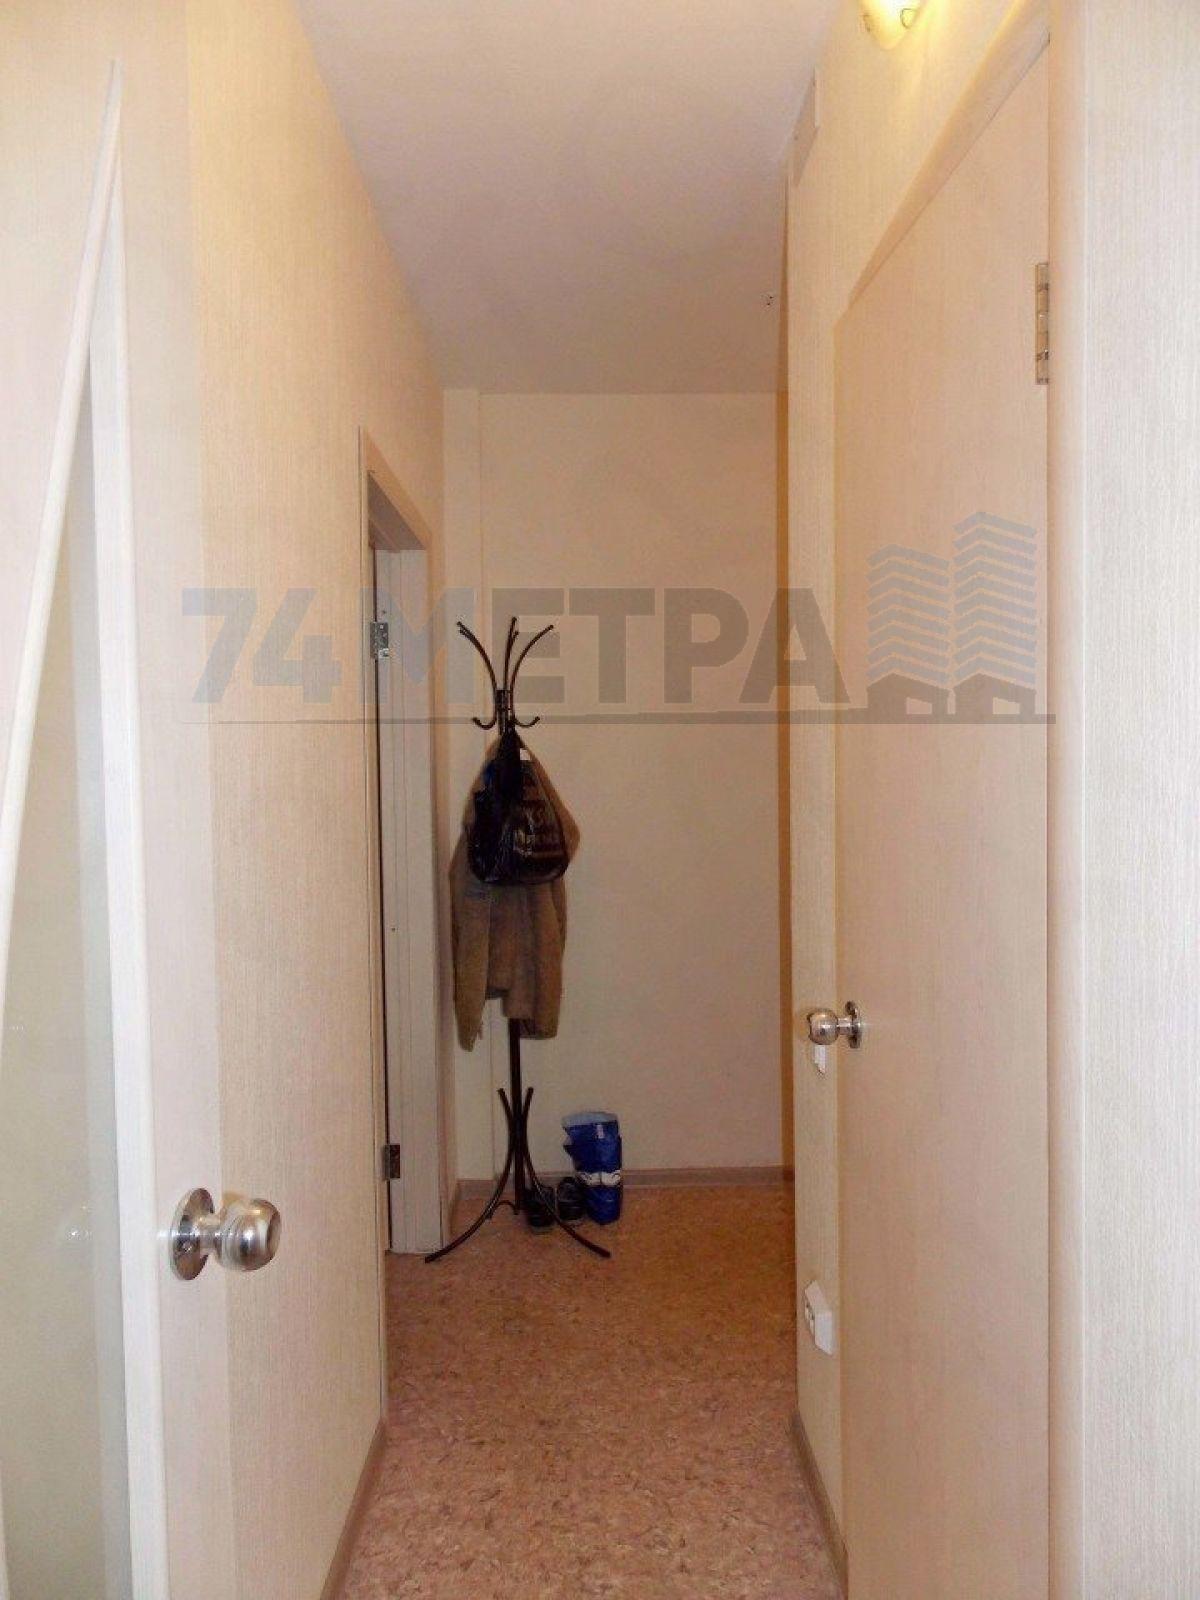 9 000 ₽, 1 - комнатная квартира, площадь 38 м², этаж 5/10